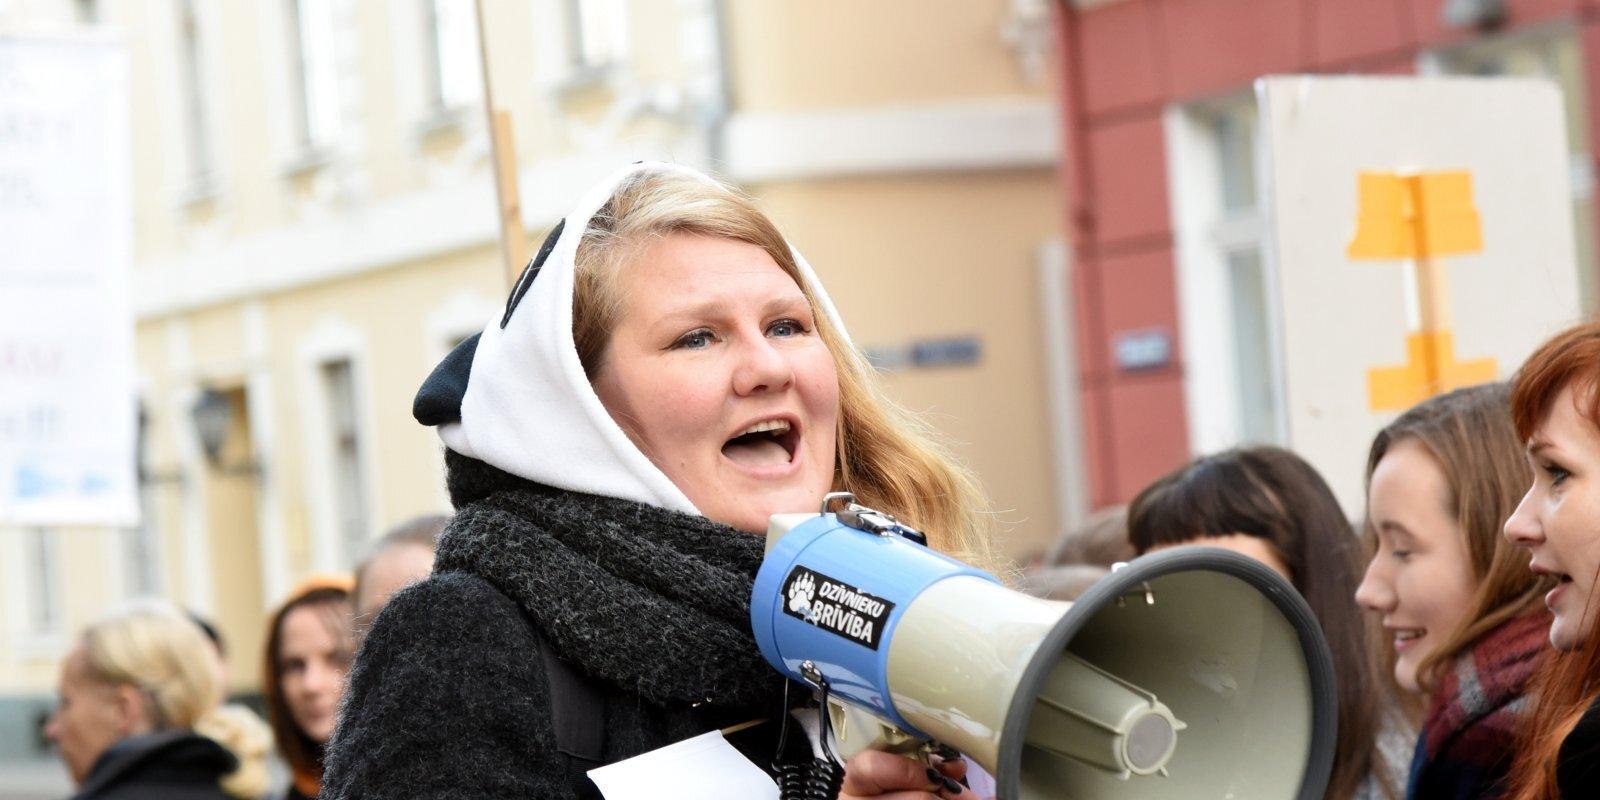 'Sieviešu tiesību aizstāvēšana uzliek tev mērķi uz pieres.' Saruna ar Lolitu Tomsoni